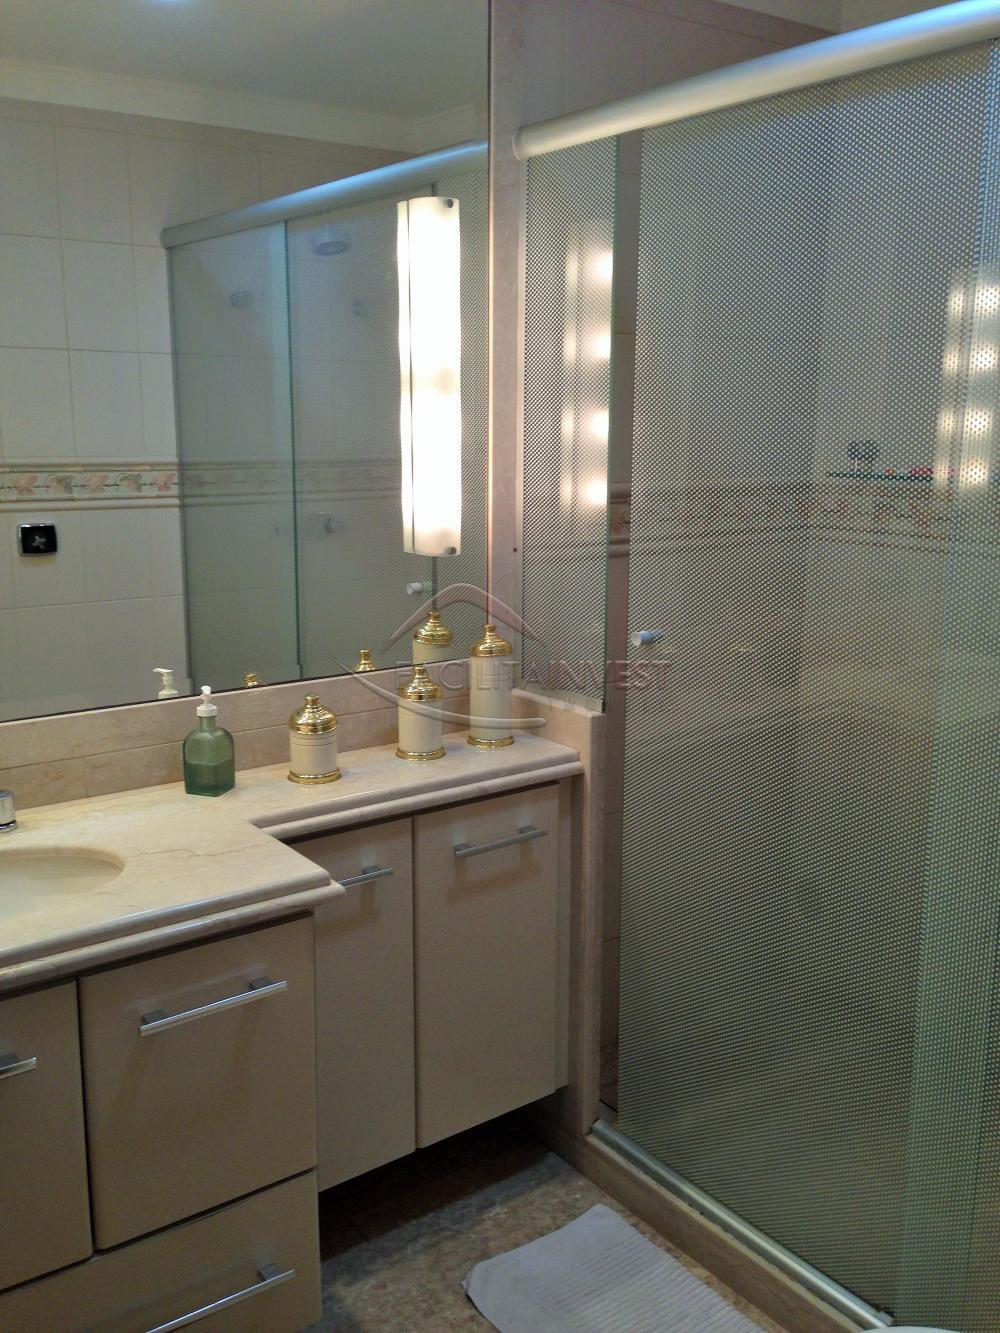 Alugar Apartamentos / Cobertura em Ribeirão Preto apenas R$ 11.000,00 - Foto 23